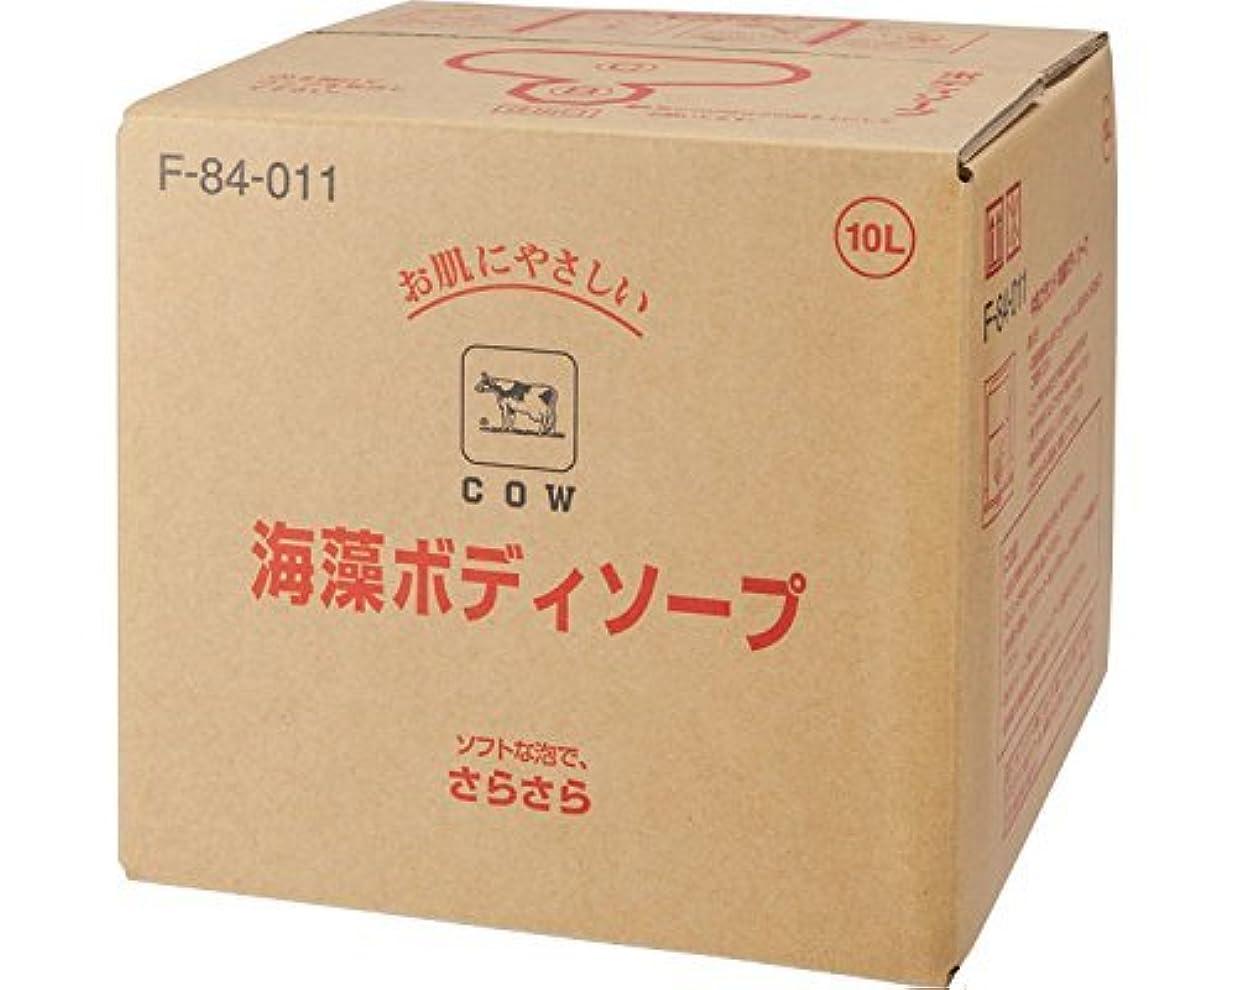 怠無知酸っぱい牛乳ブランド 海藻ボディソープ /  10L F-84-011 【牛乳石鹸】 【清拭小物】